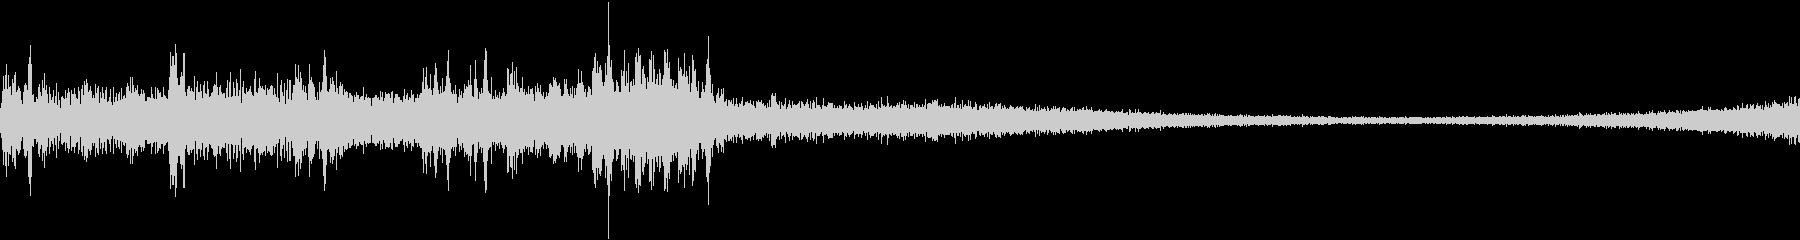 ドラッグの未再生の波形